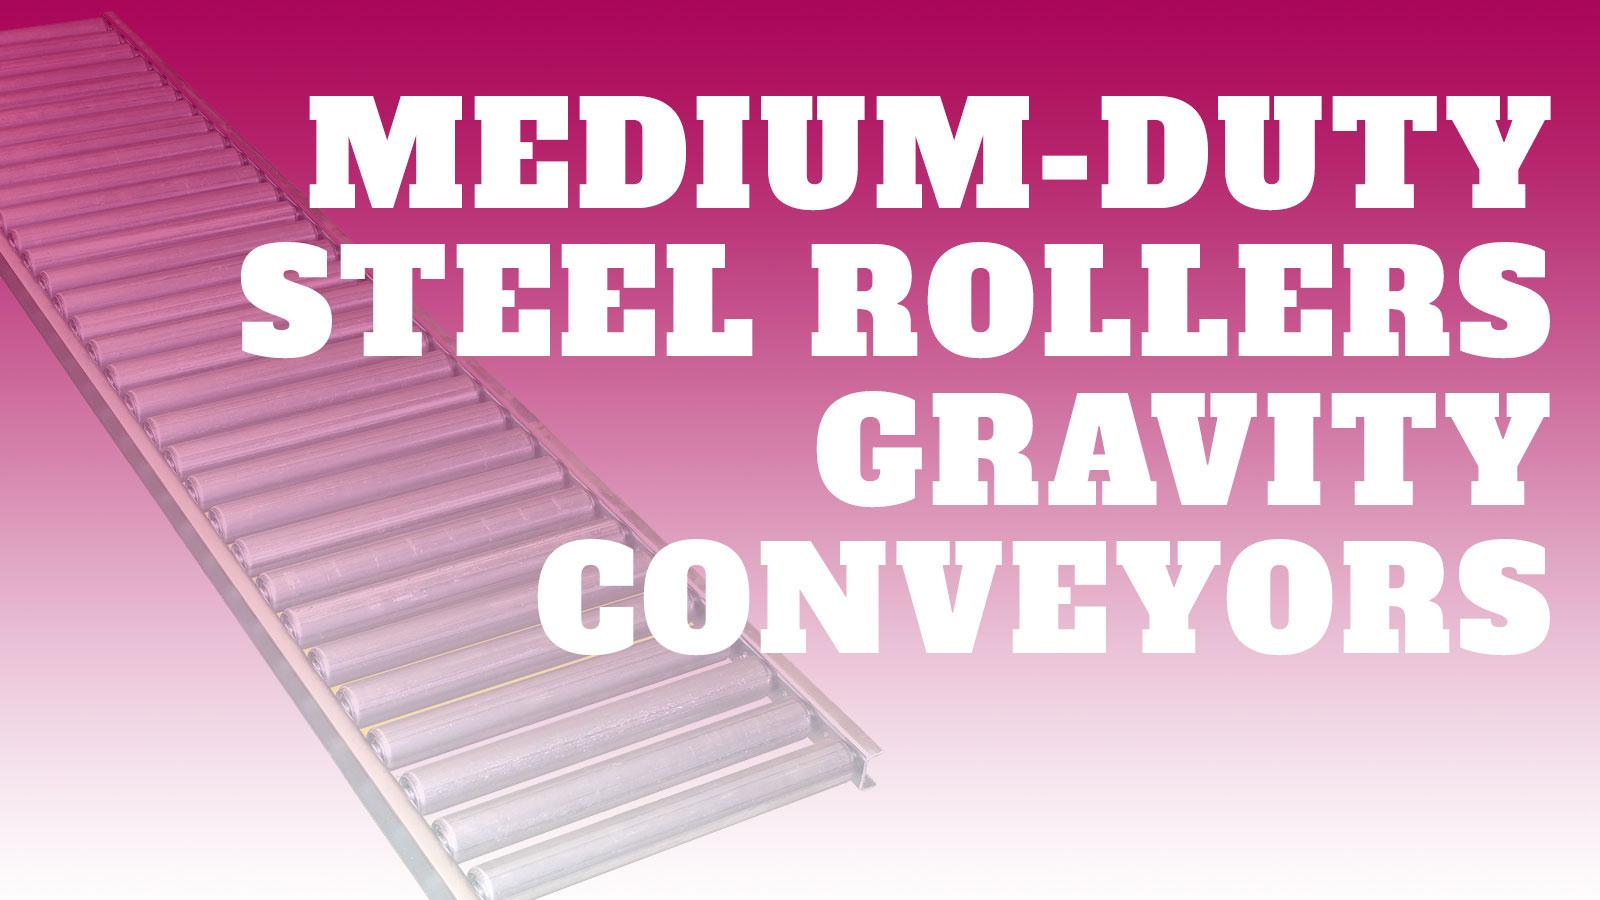 Conveyor-Medium-Duty-Steel-Rollers